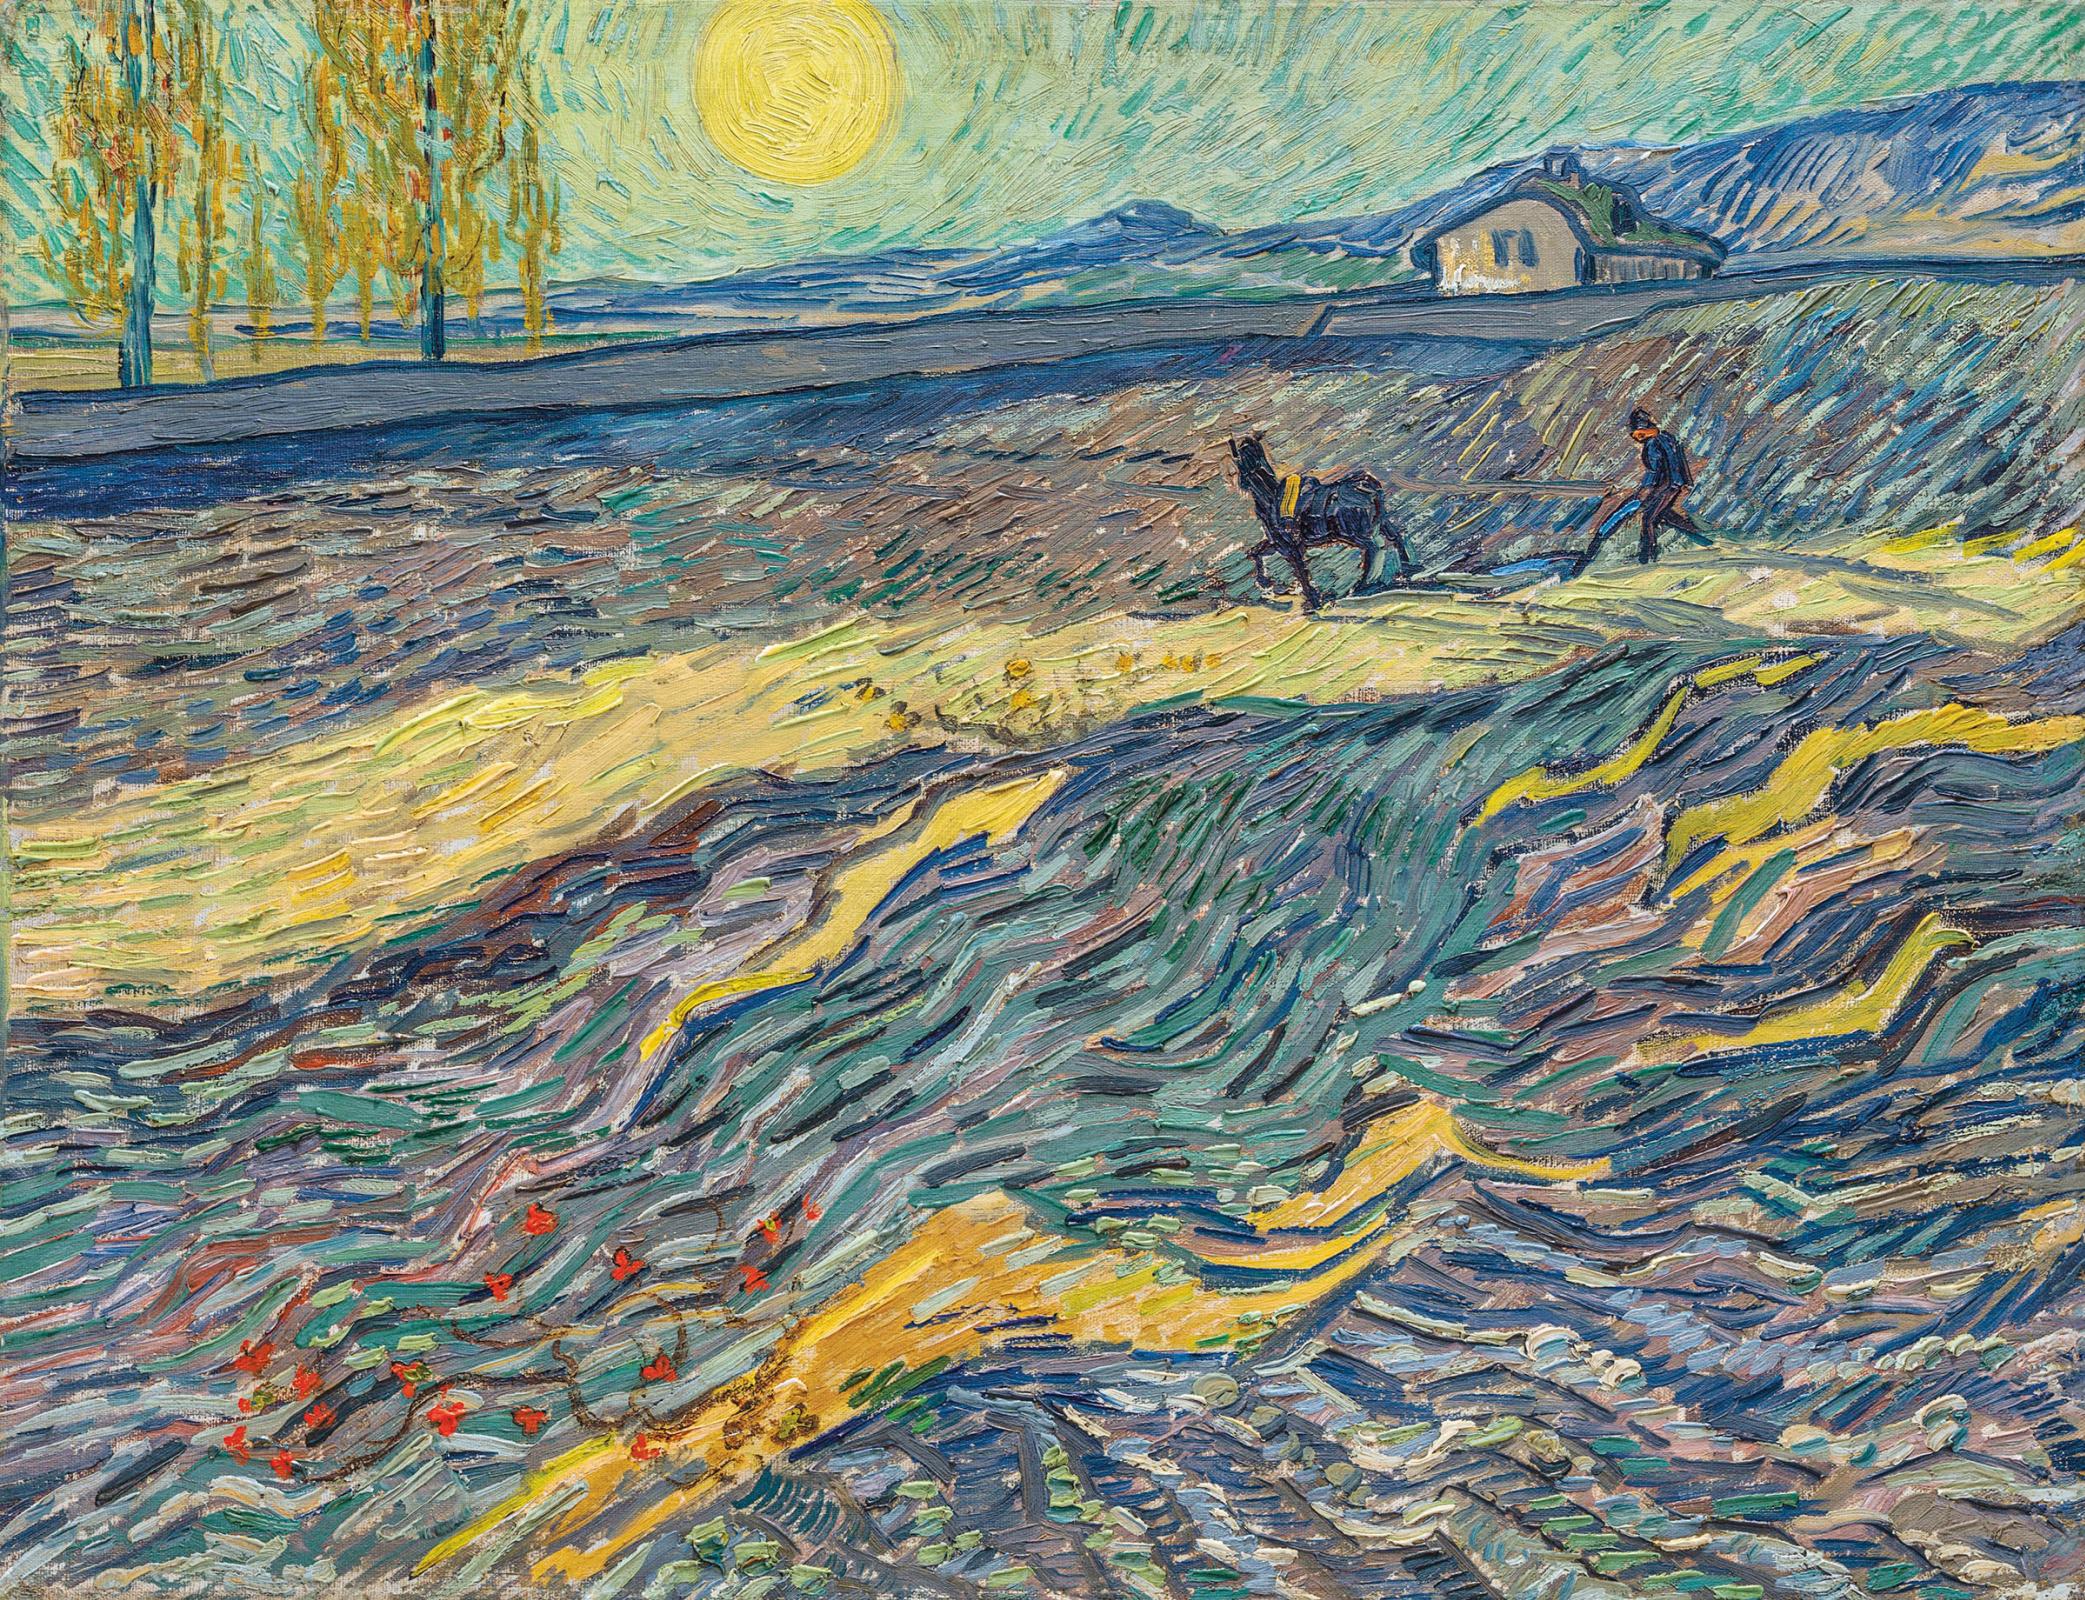 Винсент Ван Гог. Вспаханное поле и пахарь. Сен-Реми